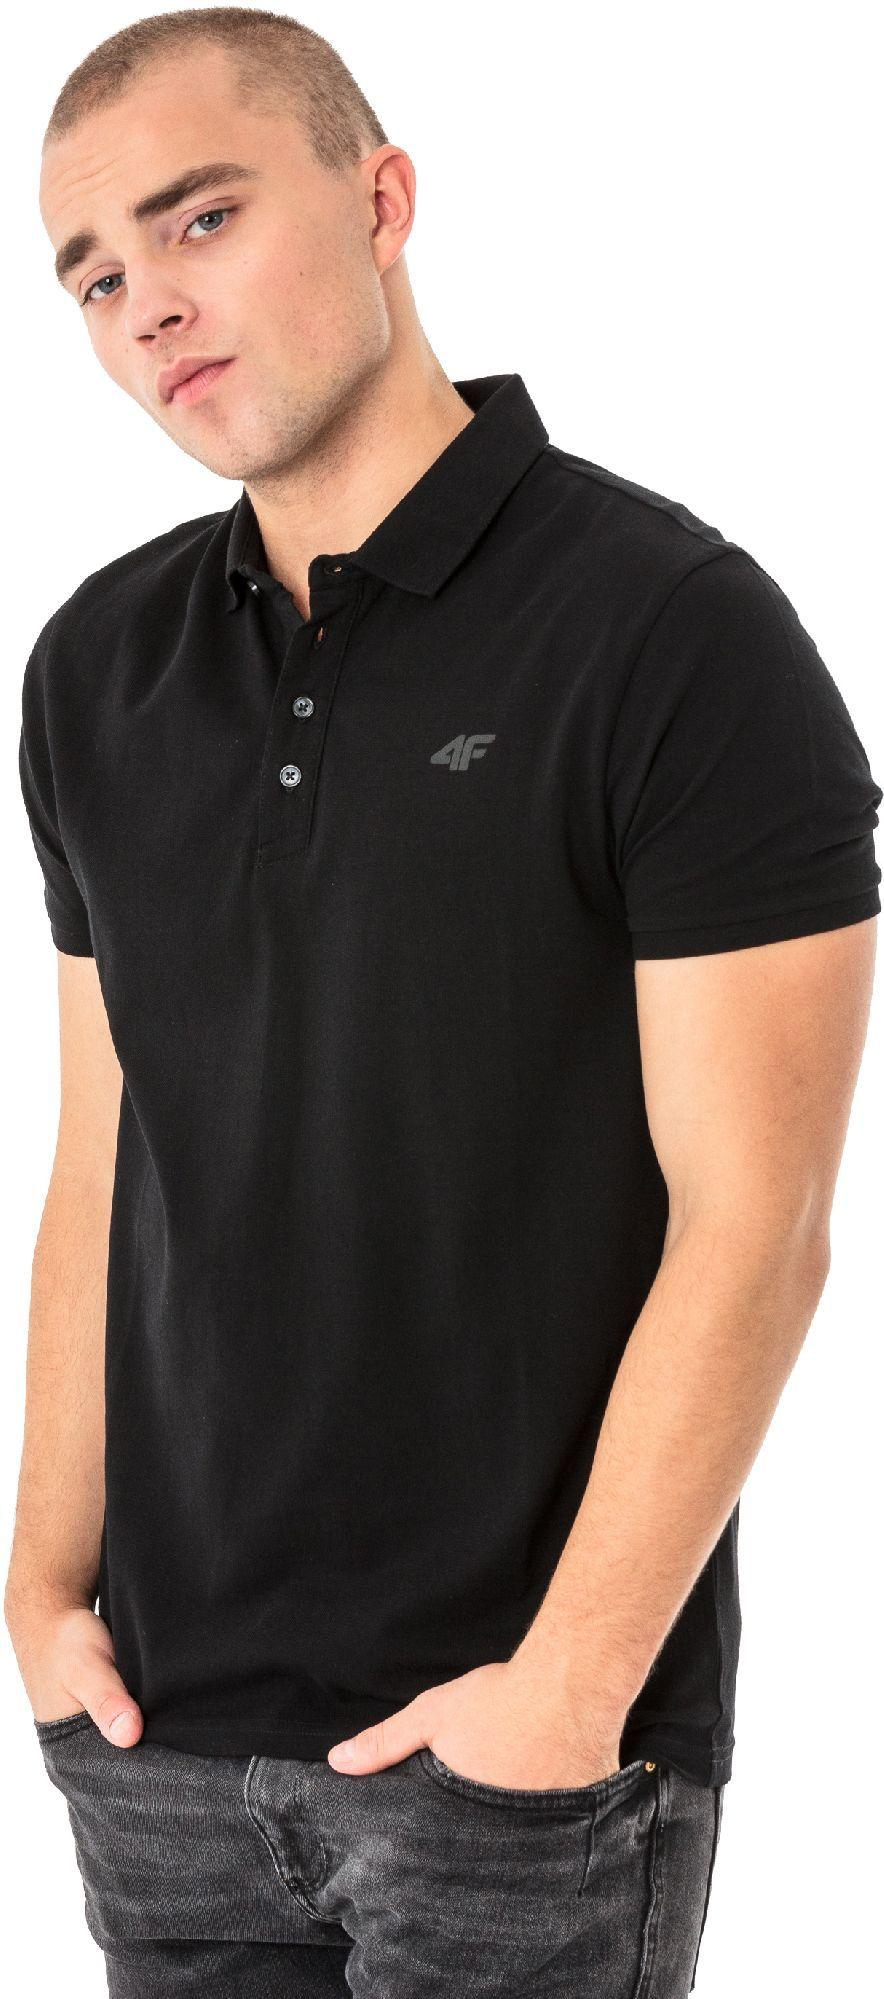 a7b2a2e4b0e76a 4f Koszulka polo męska H4L18-TSM024 czarna r. XL w Sklep-presto.pl